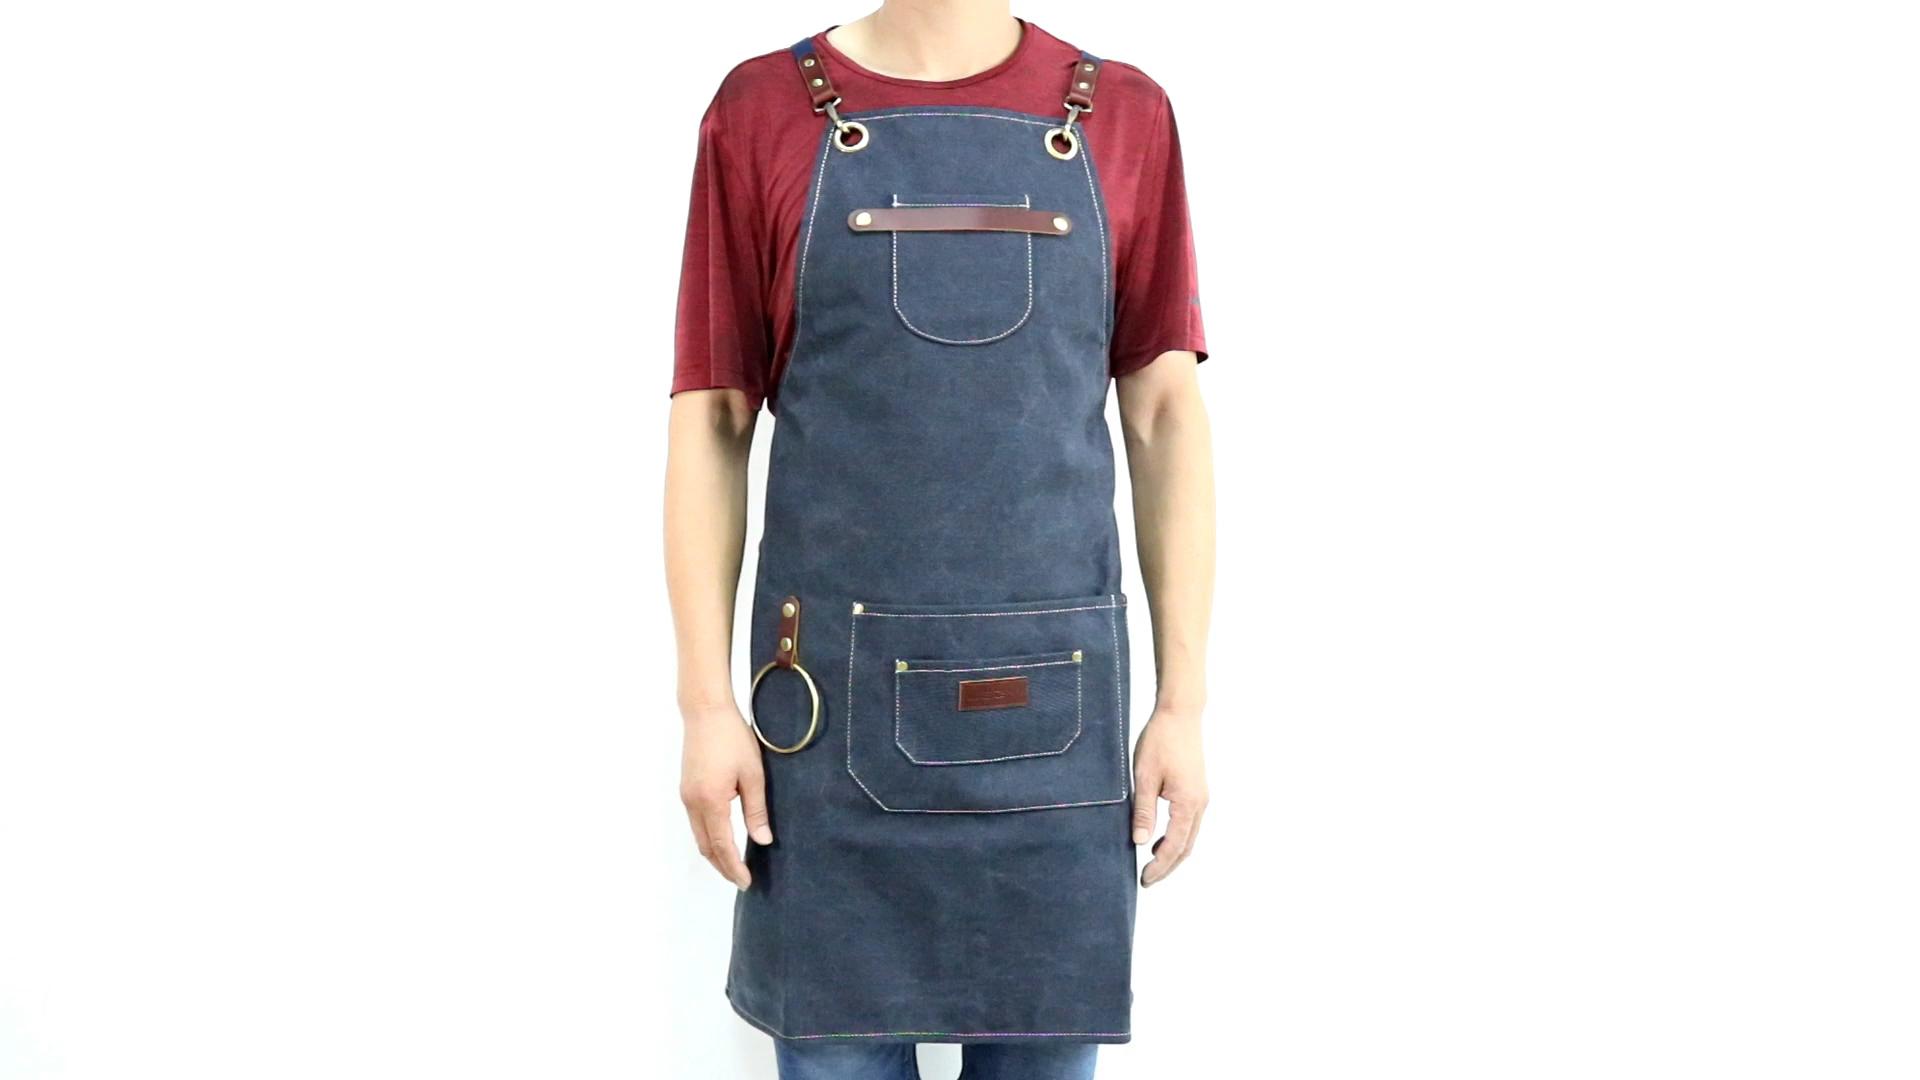 Custom multifunzionale di tela lavabile ristorante cucina grembiule da cucina